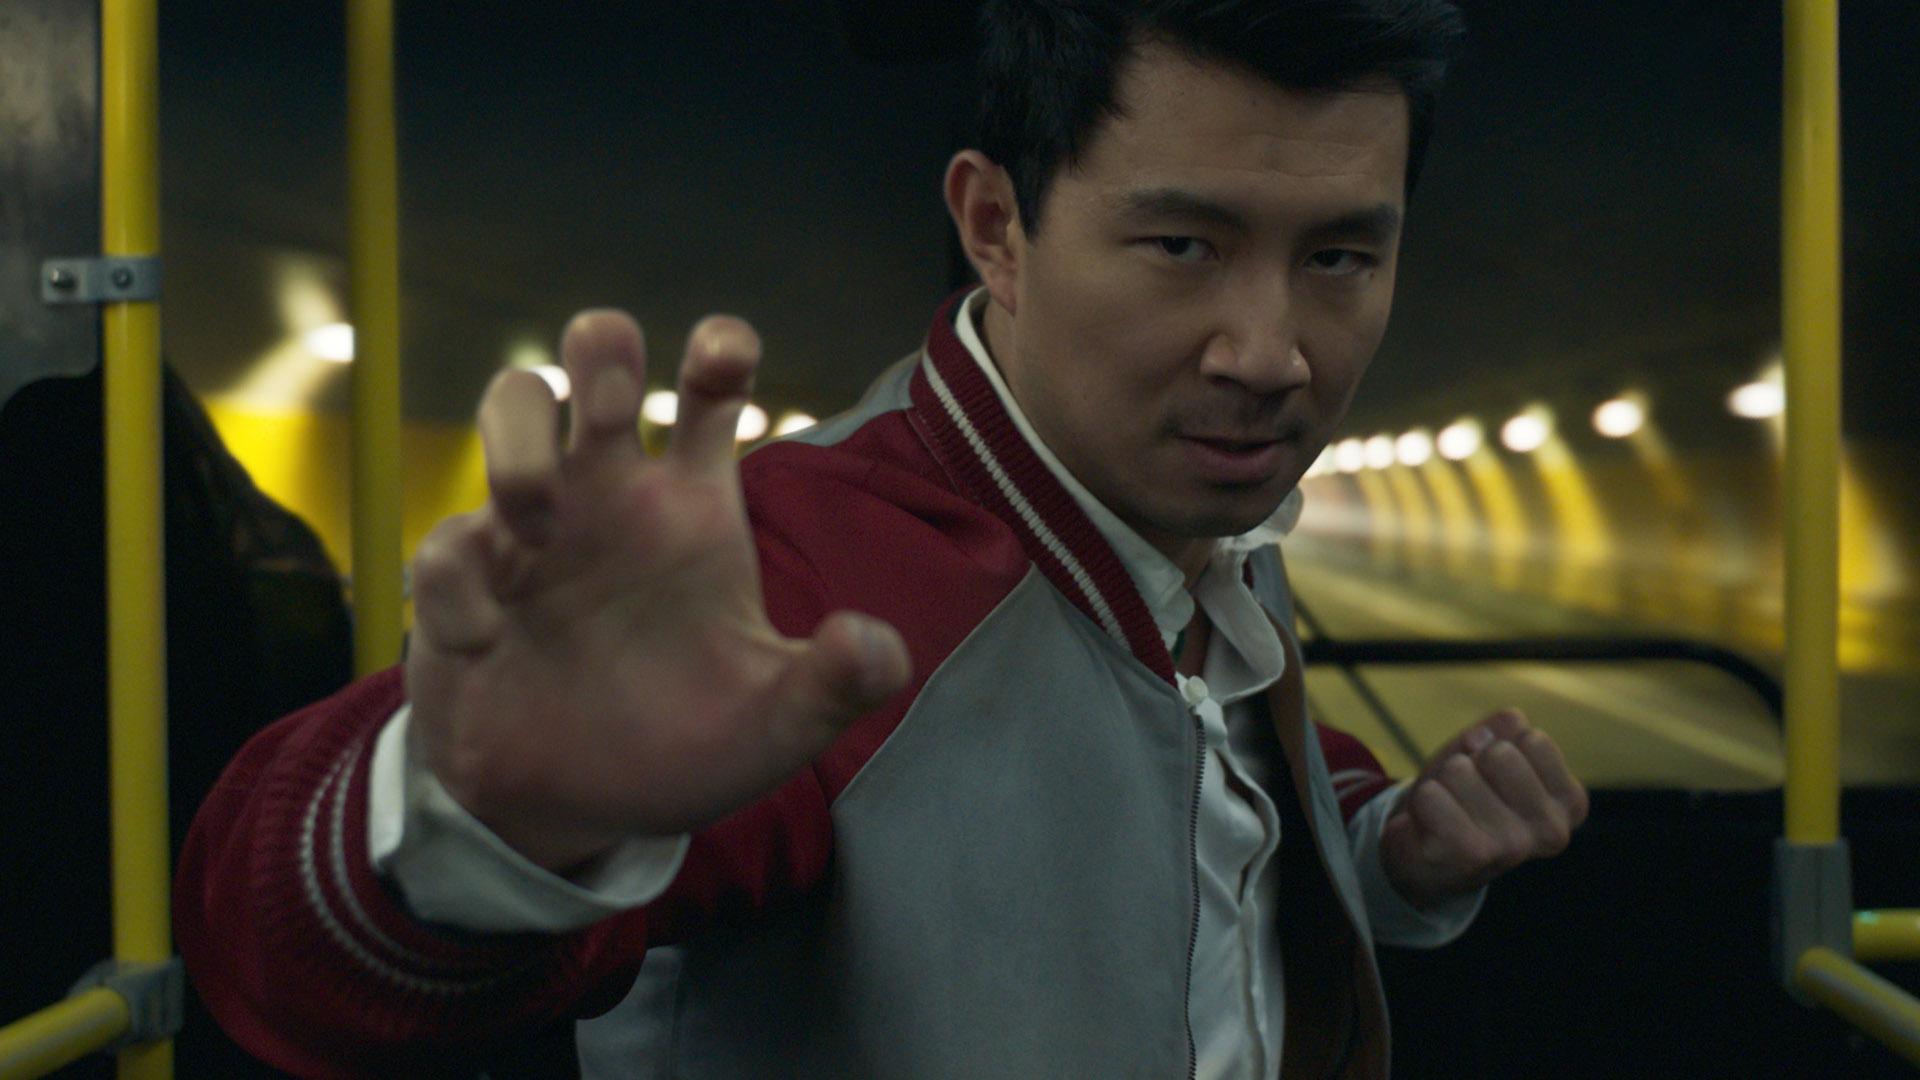 Simu Liu como el personaje principal de Shang-Chi de Marvel y la Leyenda de los Diez Anillos.